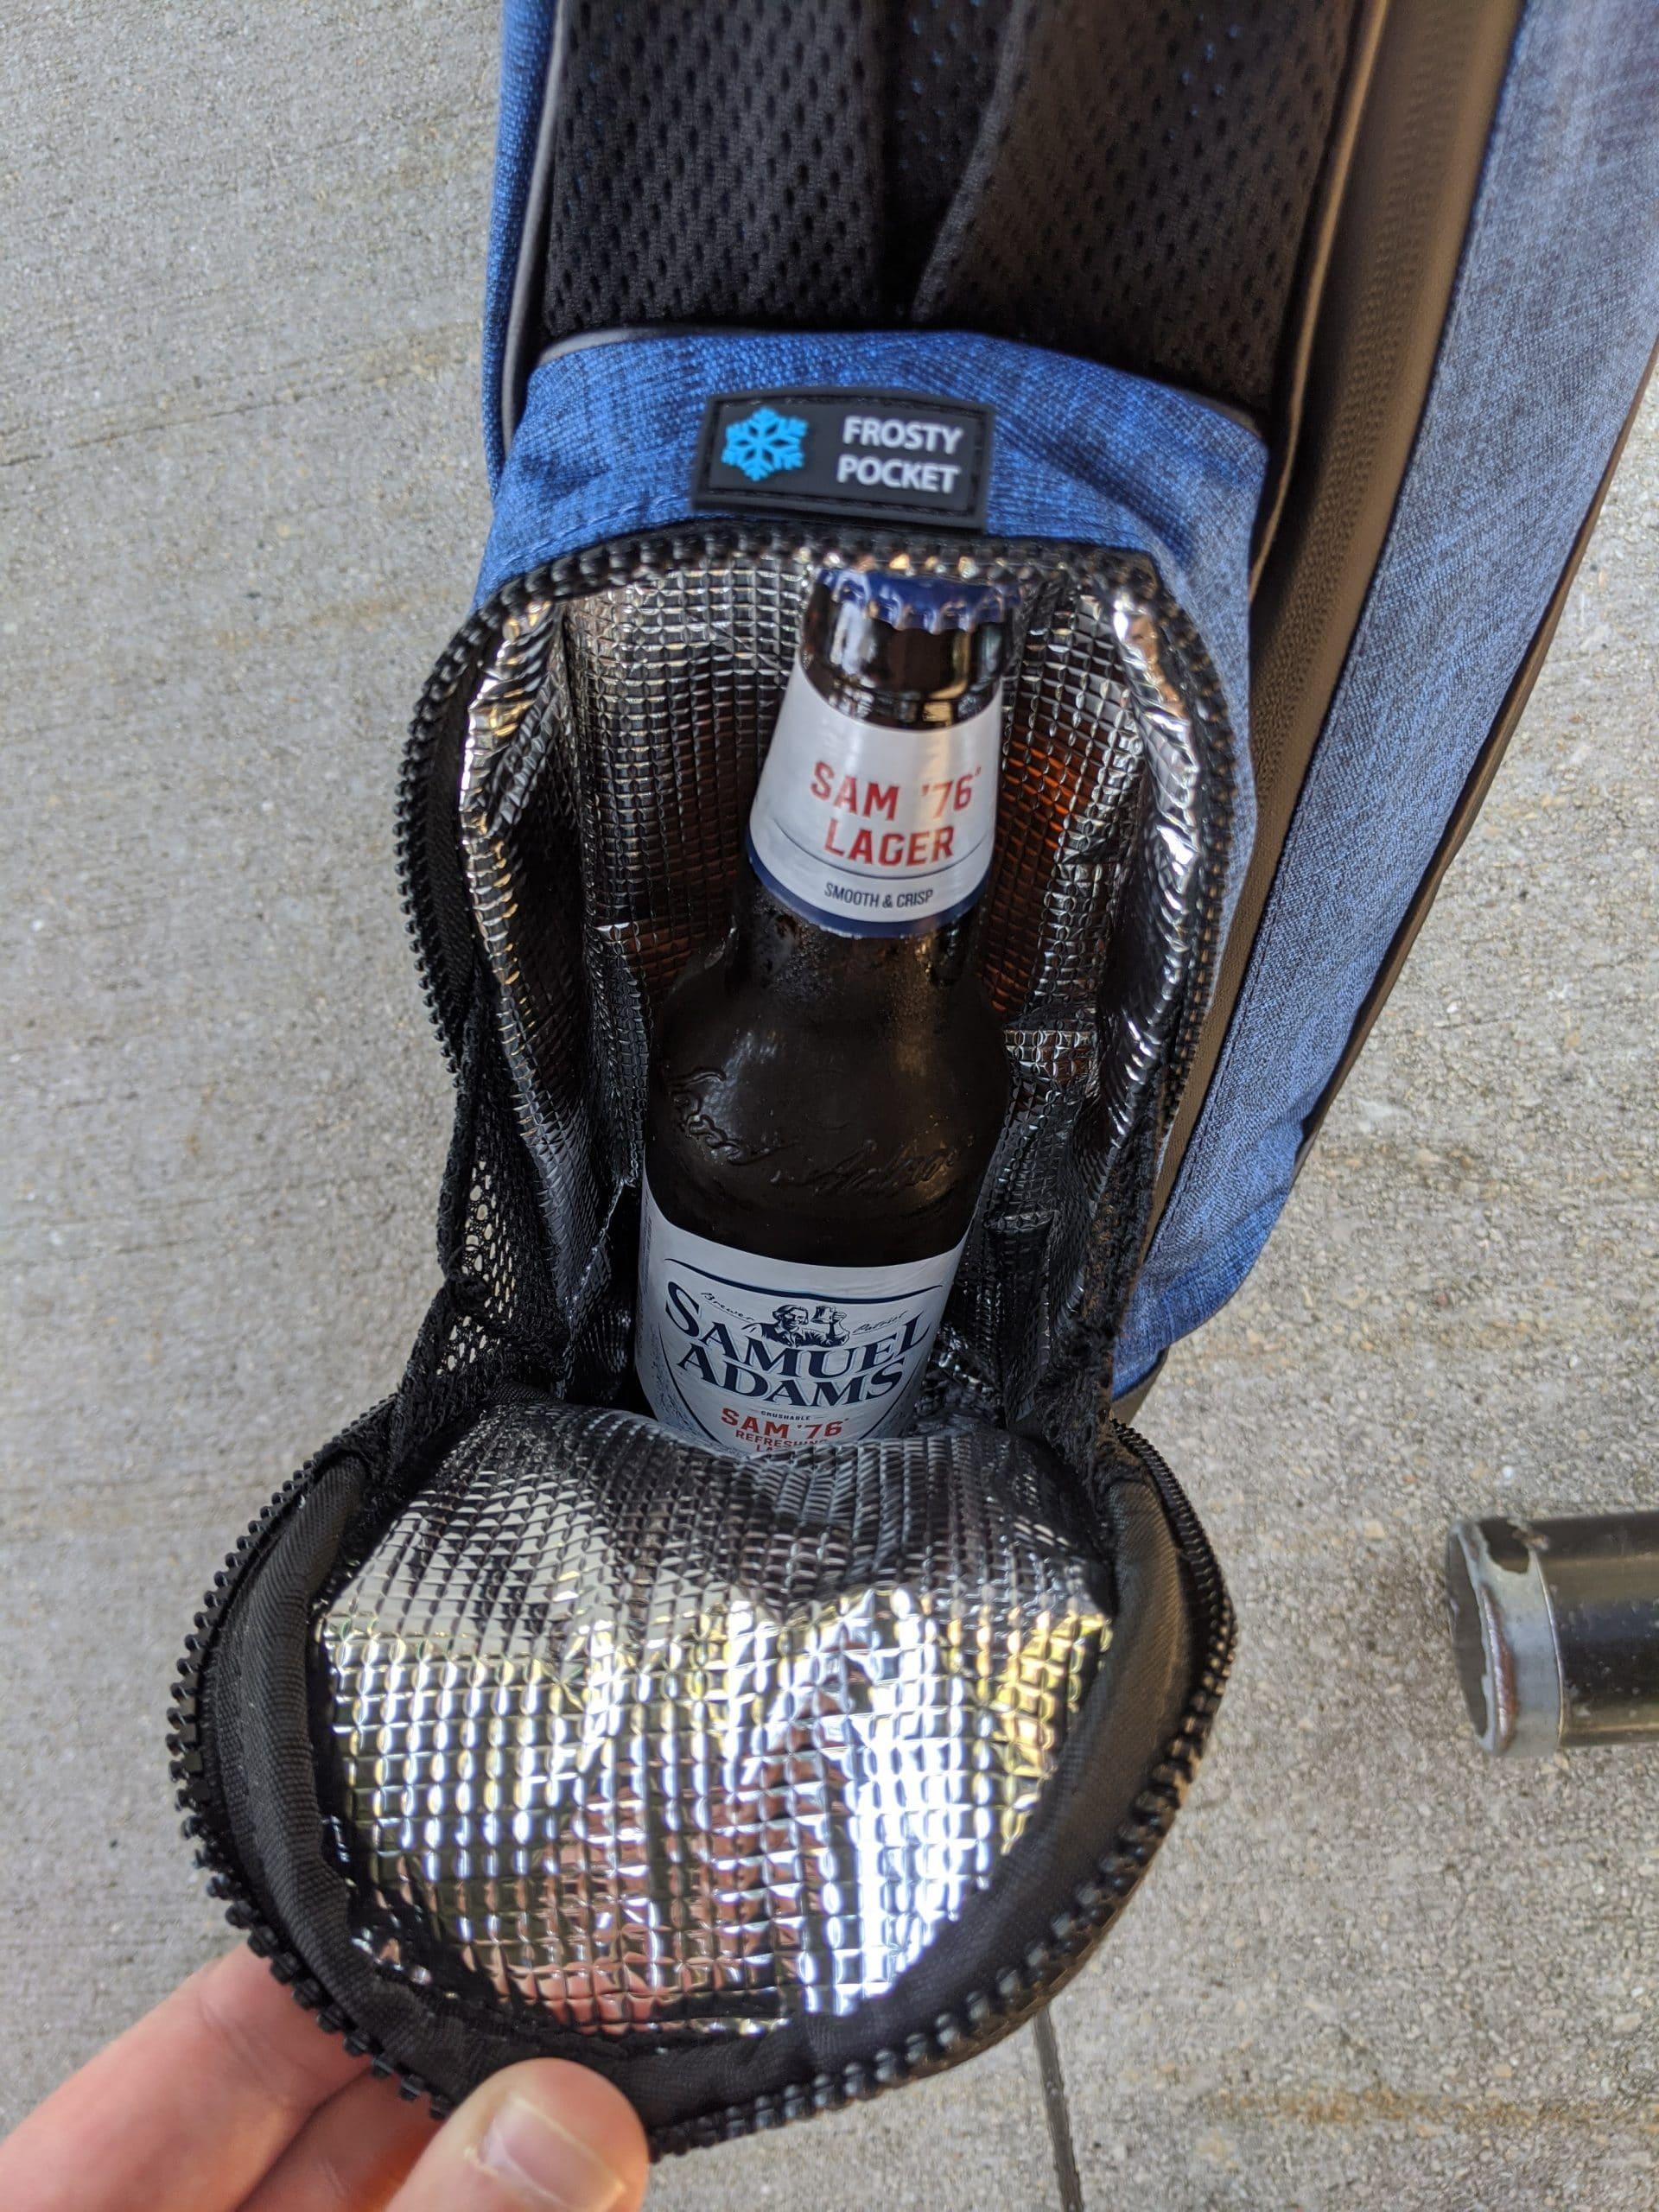 loma bag frosty pocket